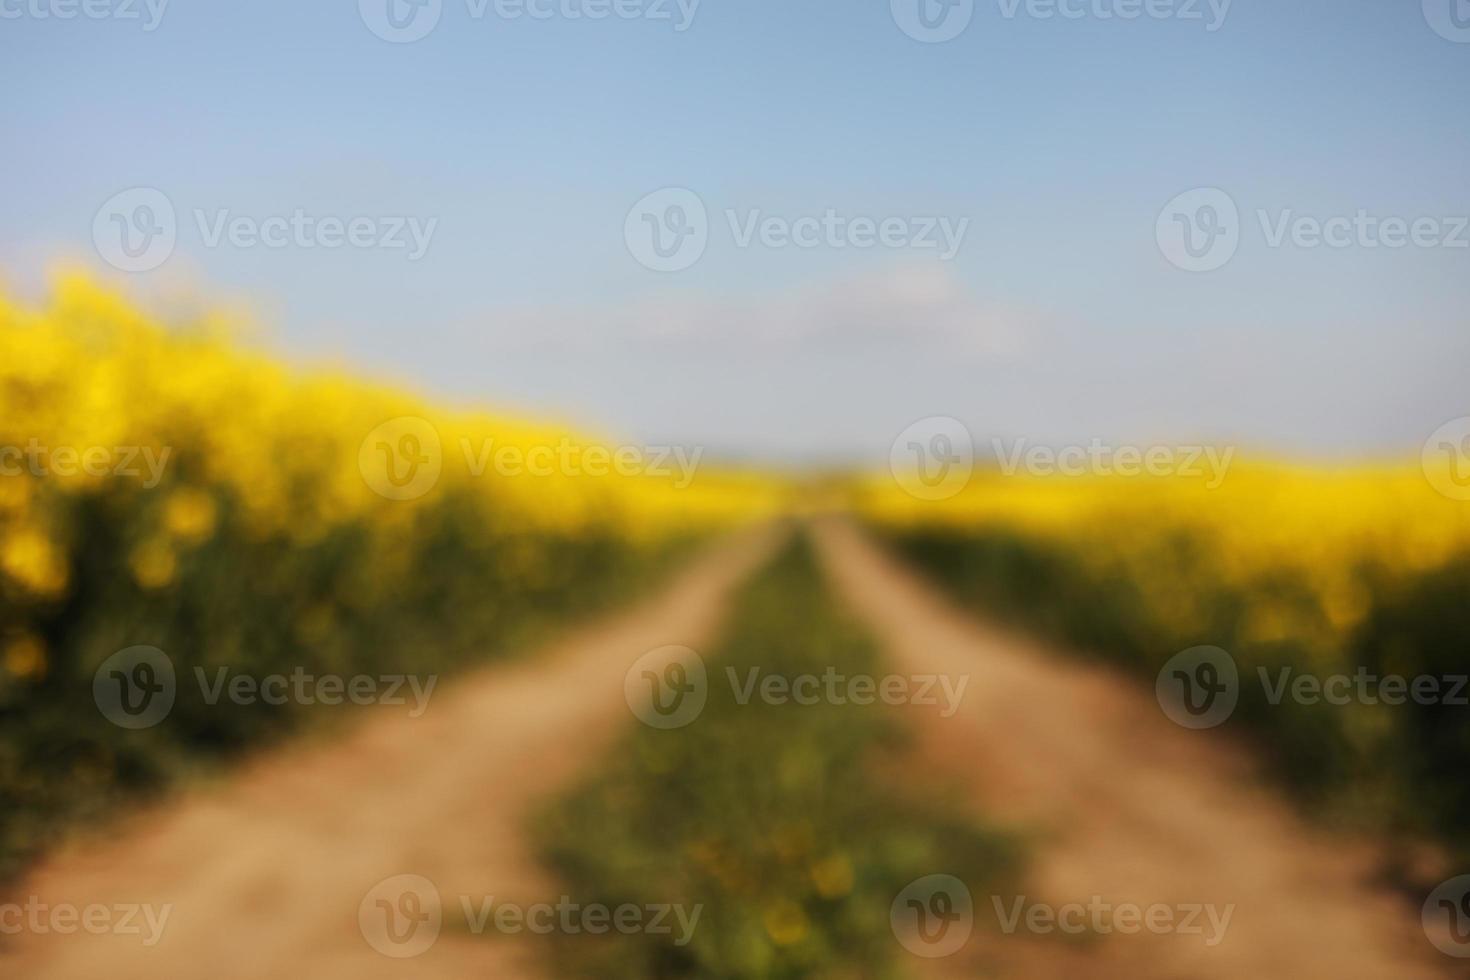 Fondo borroso de colza amarilla sobre un fondo de cielo. enfoque selectivo en el color. Campo de colza con colza madura, antecedentes agrícolas foto